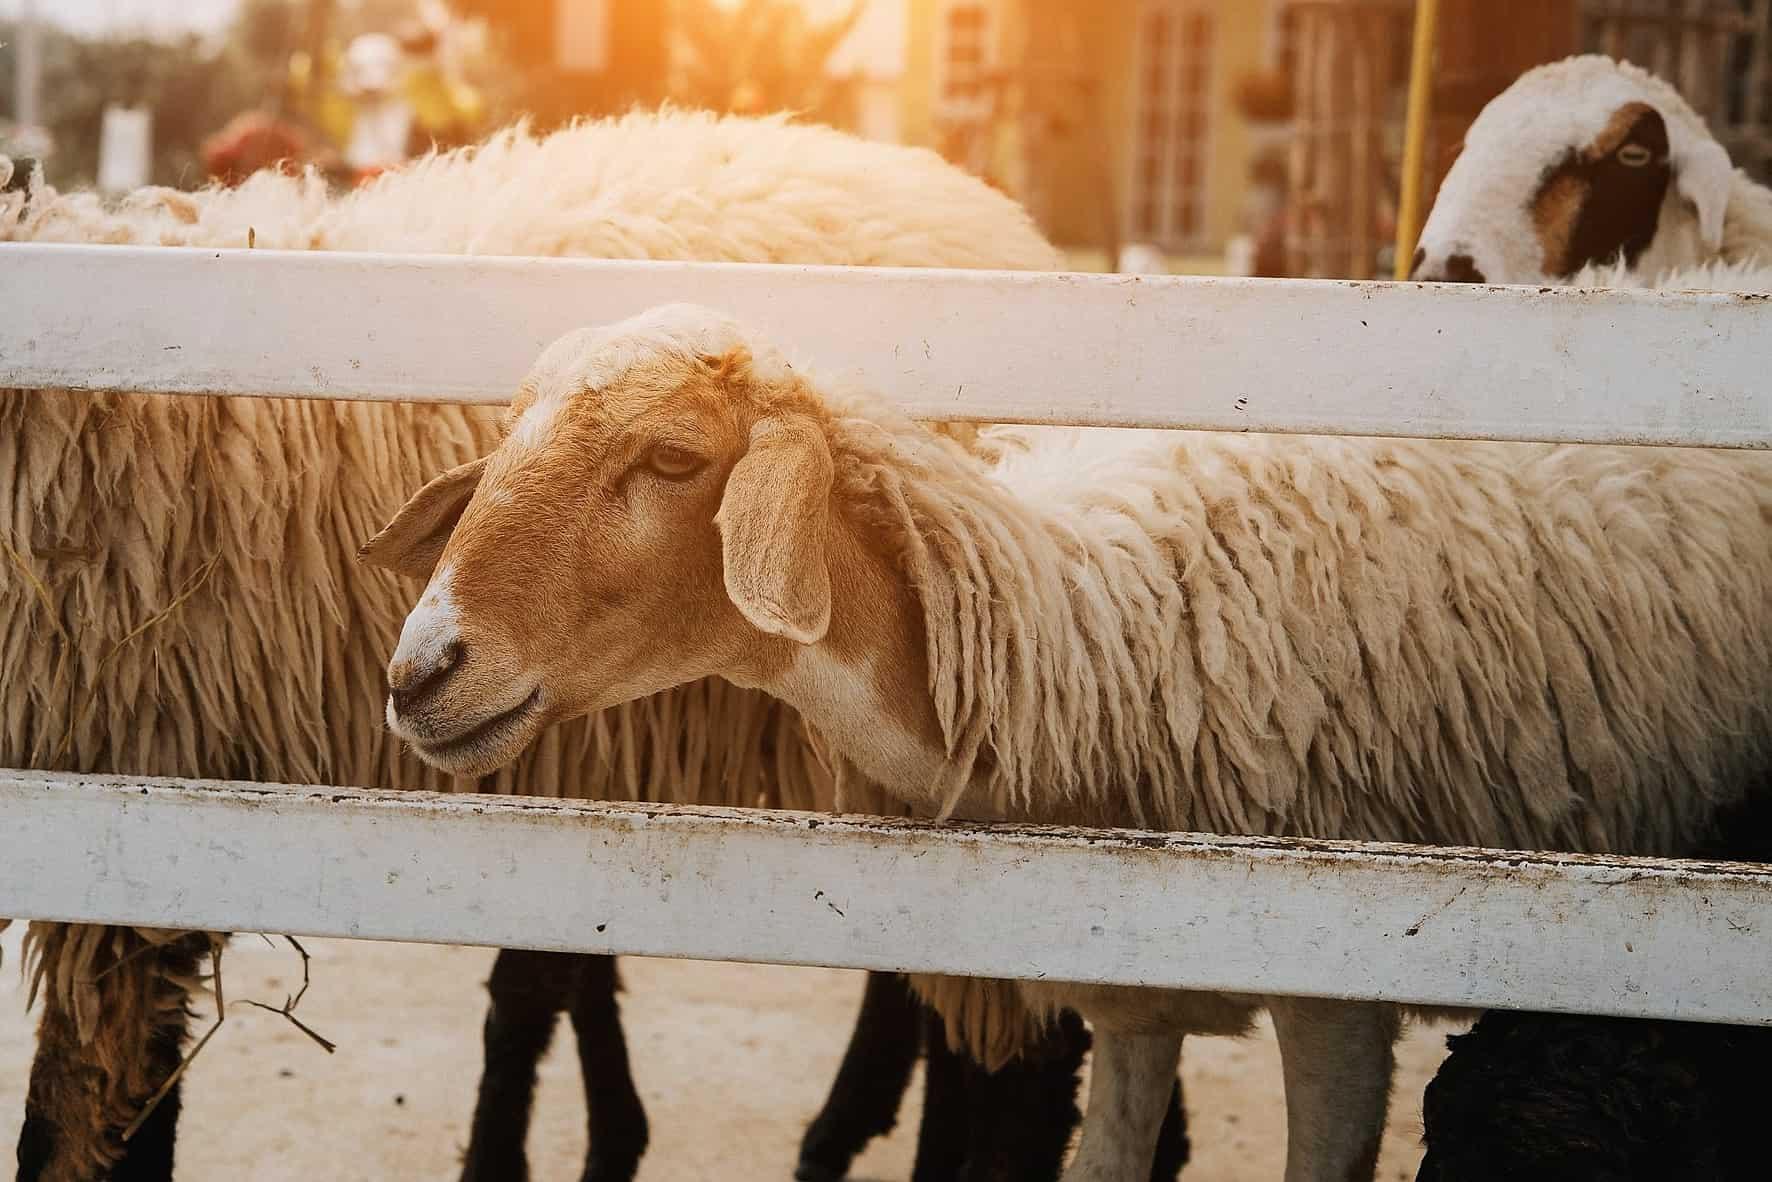 owca, wosk zwierzęcy, lanolina, wełna, tłuszczopot owczy Matka Aptekarka